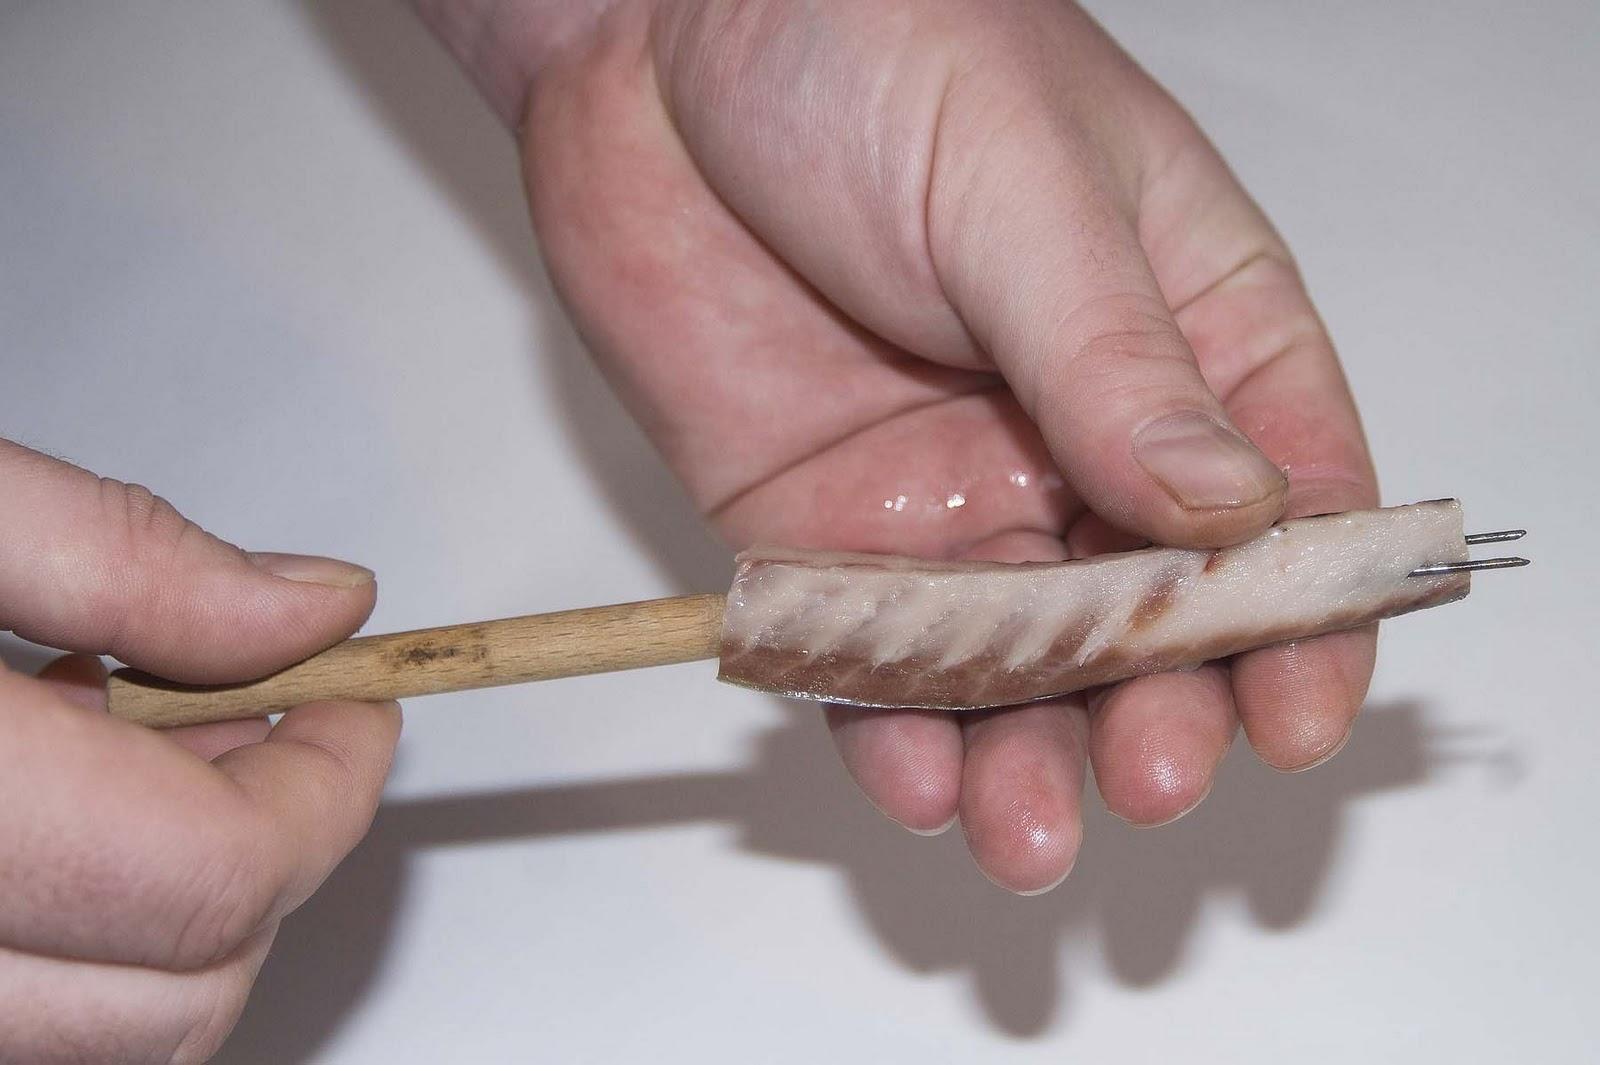 наживка для рыбалки своими руками из хлеба